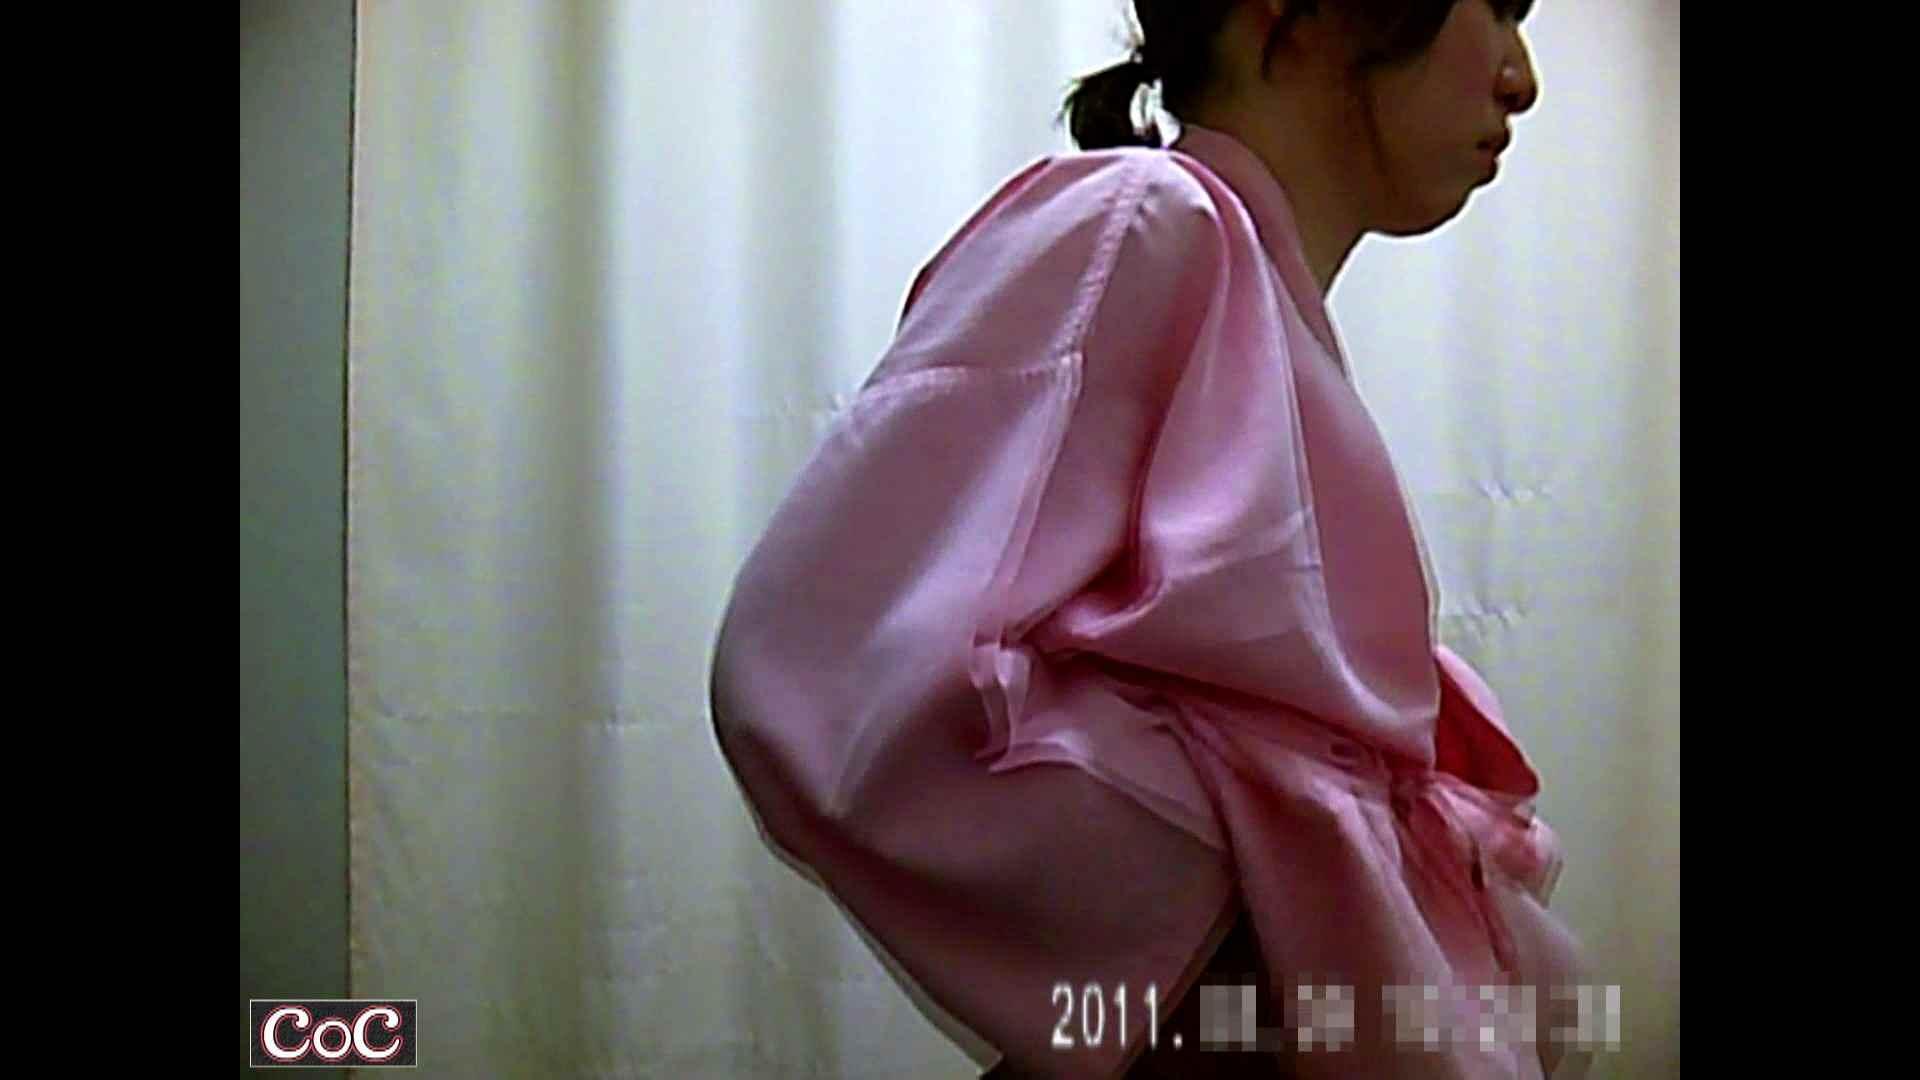 病院おもいっきり着替え! vol.13 おっぱい のぞき濡れ場動画紹介 69画像 19